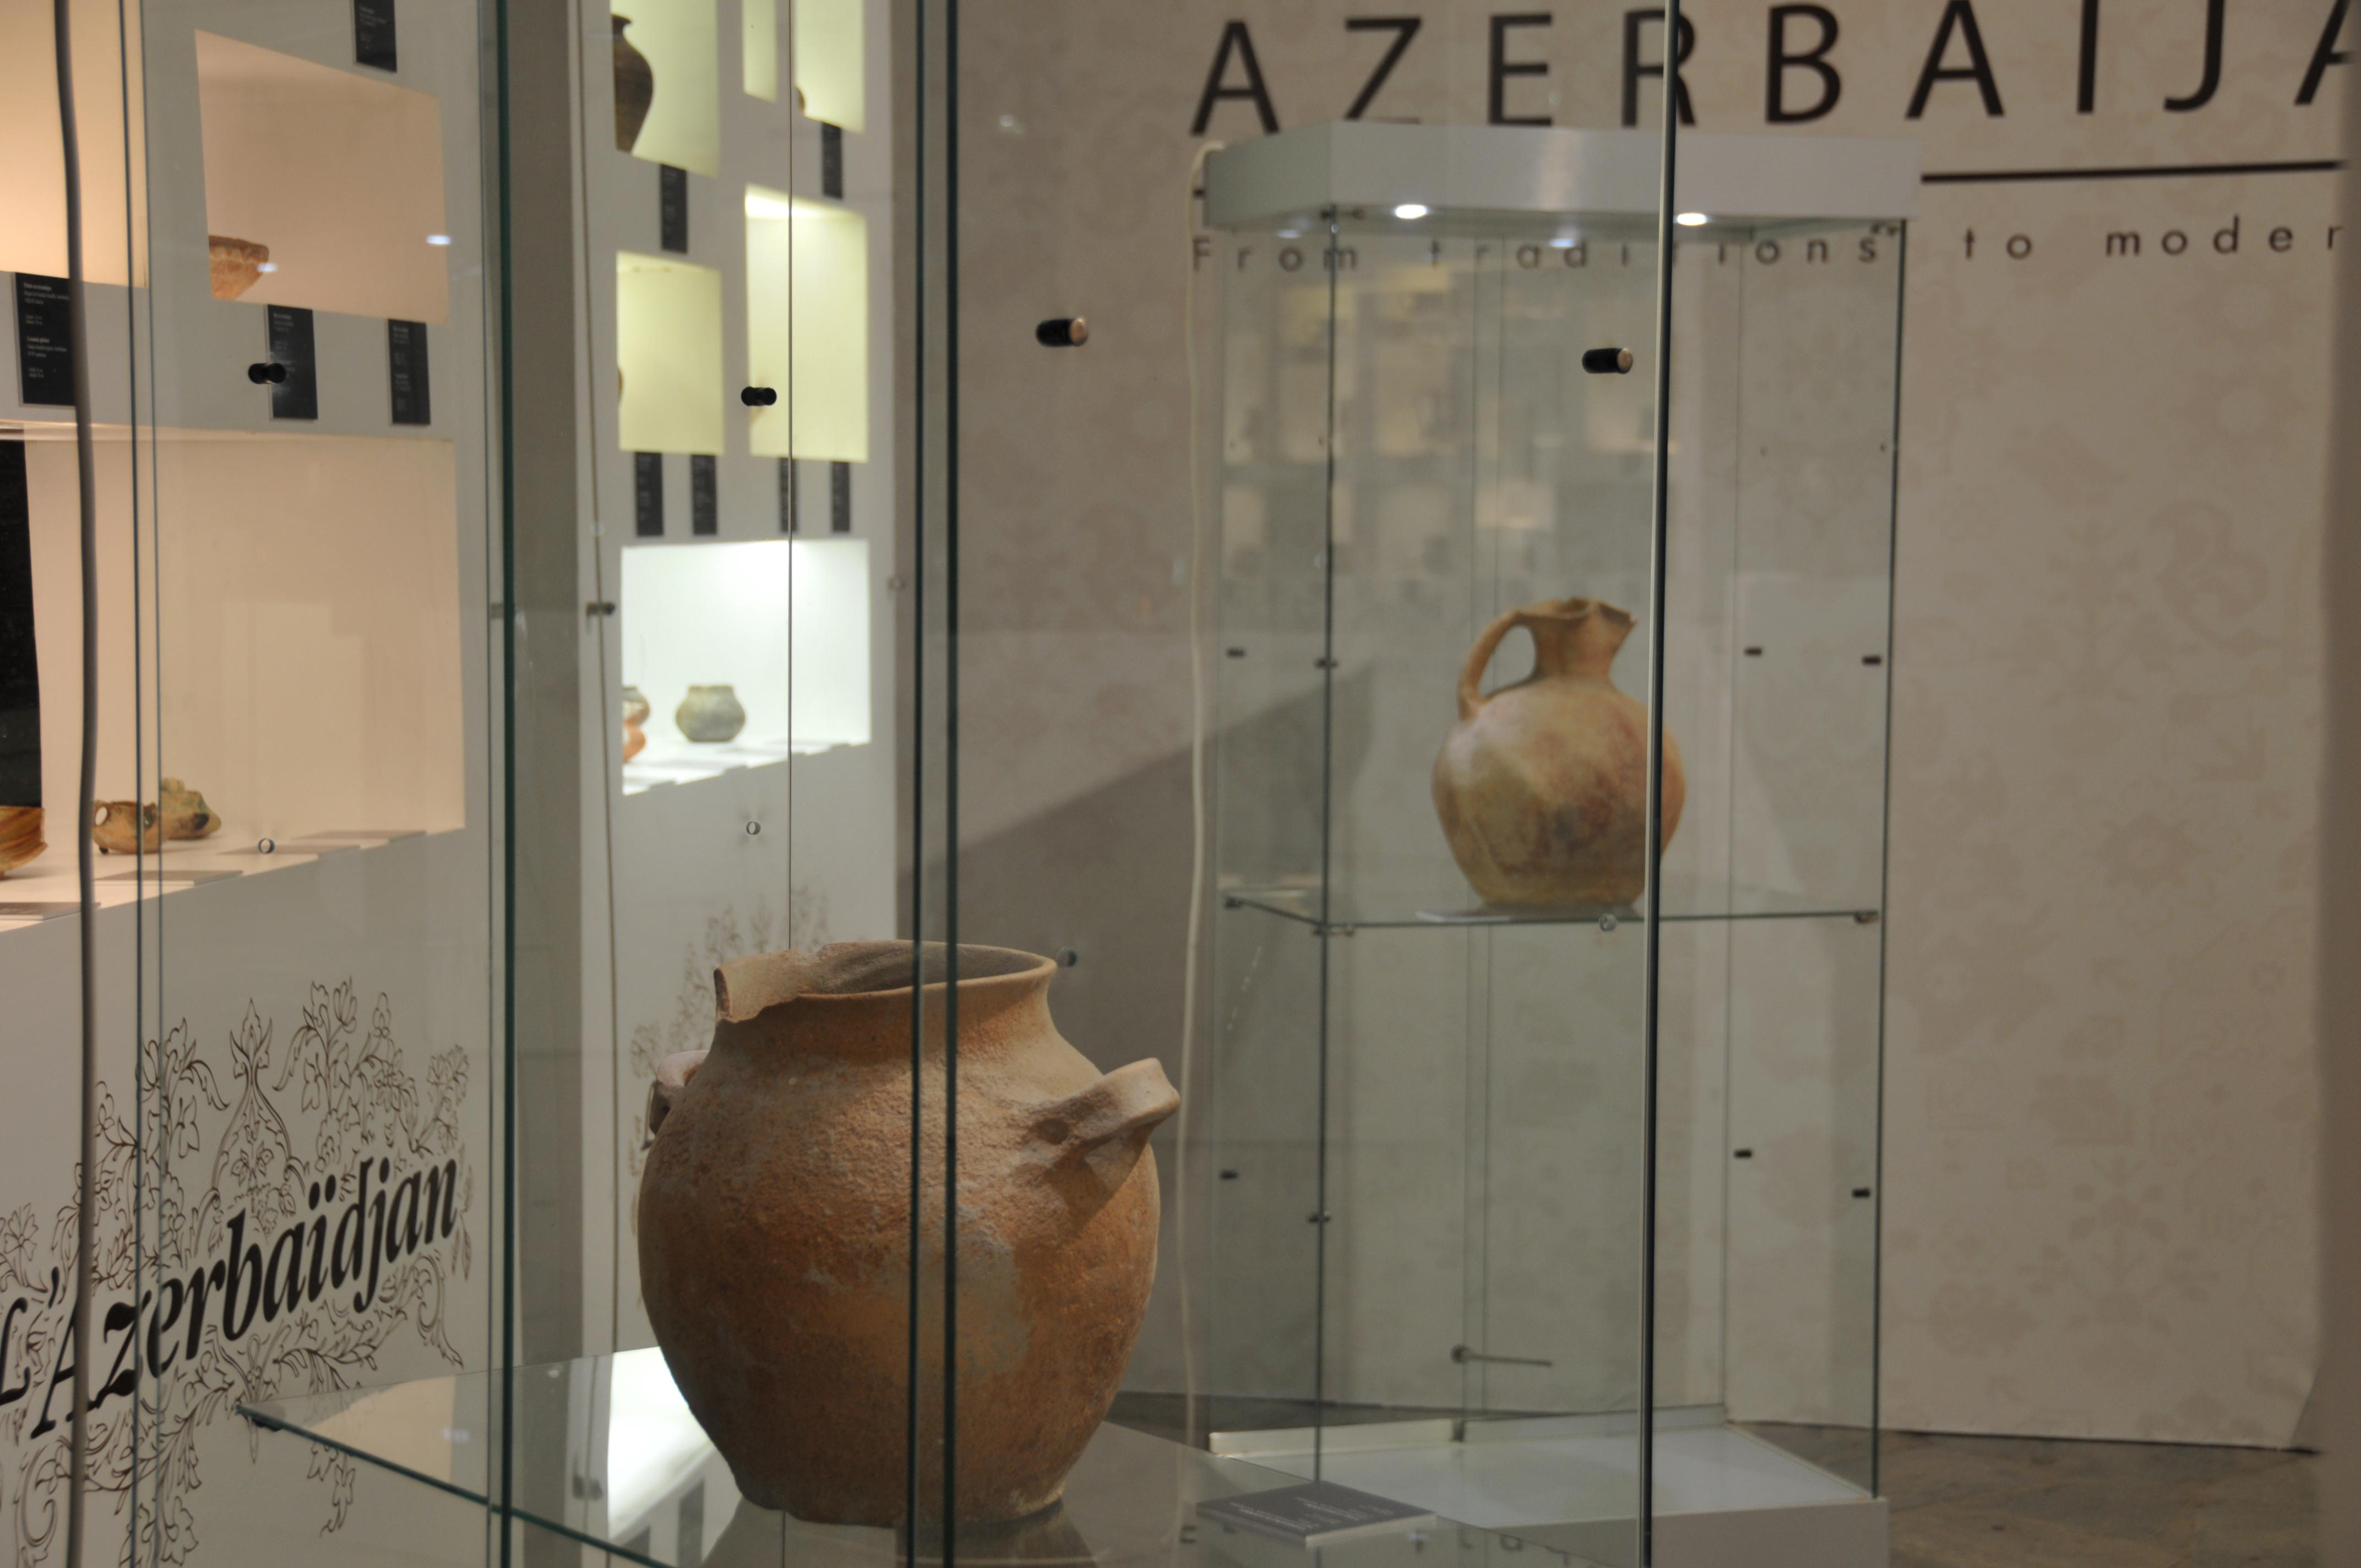 """""""L'Azerbaïdjan, de l'Antiquité à la Modernité"""""""